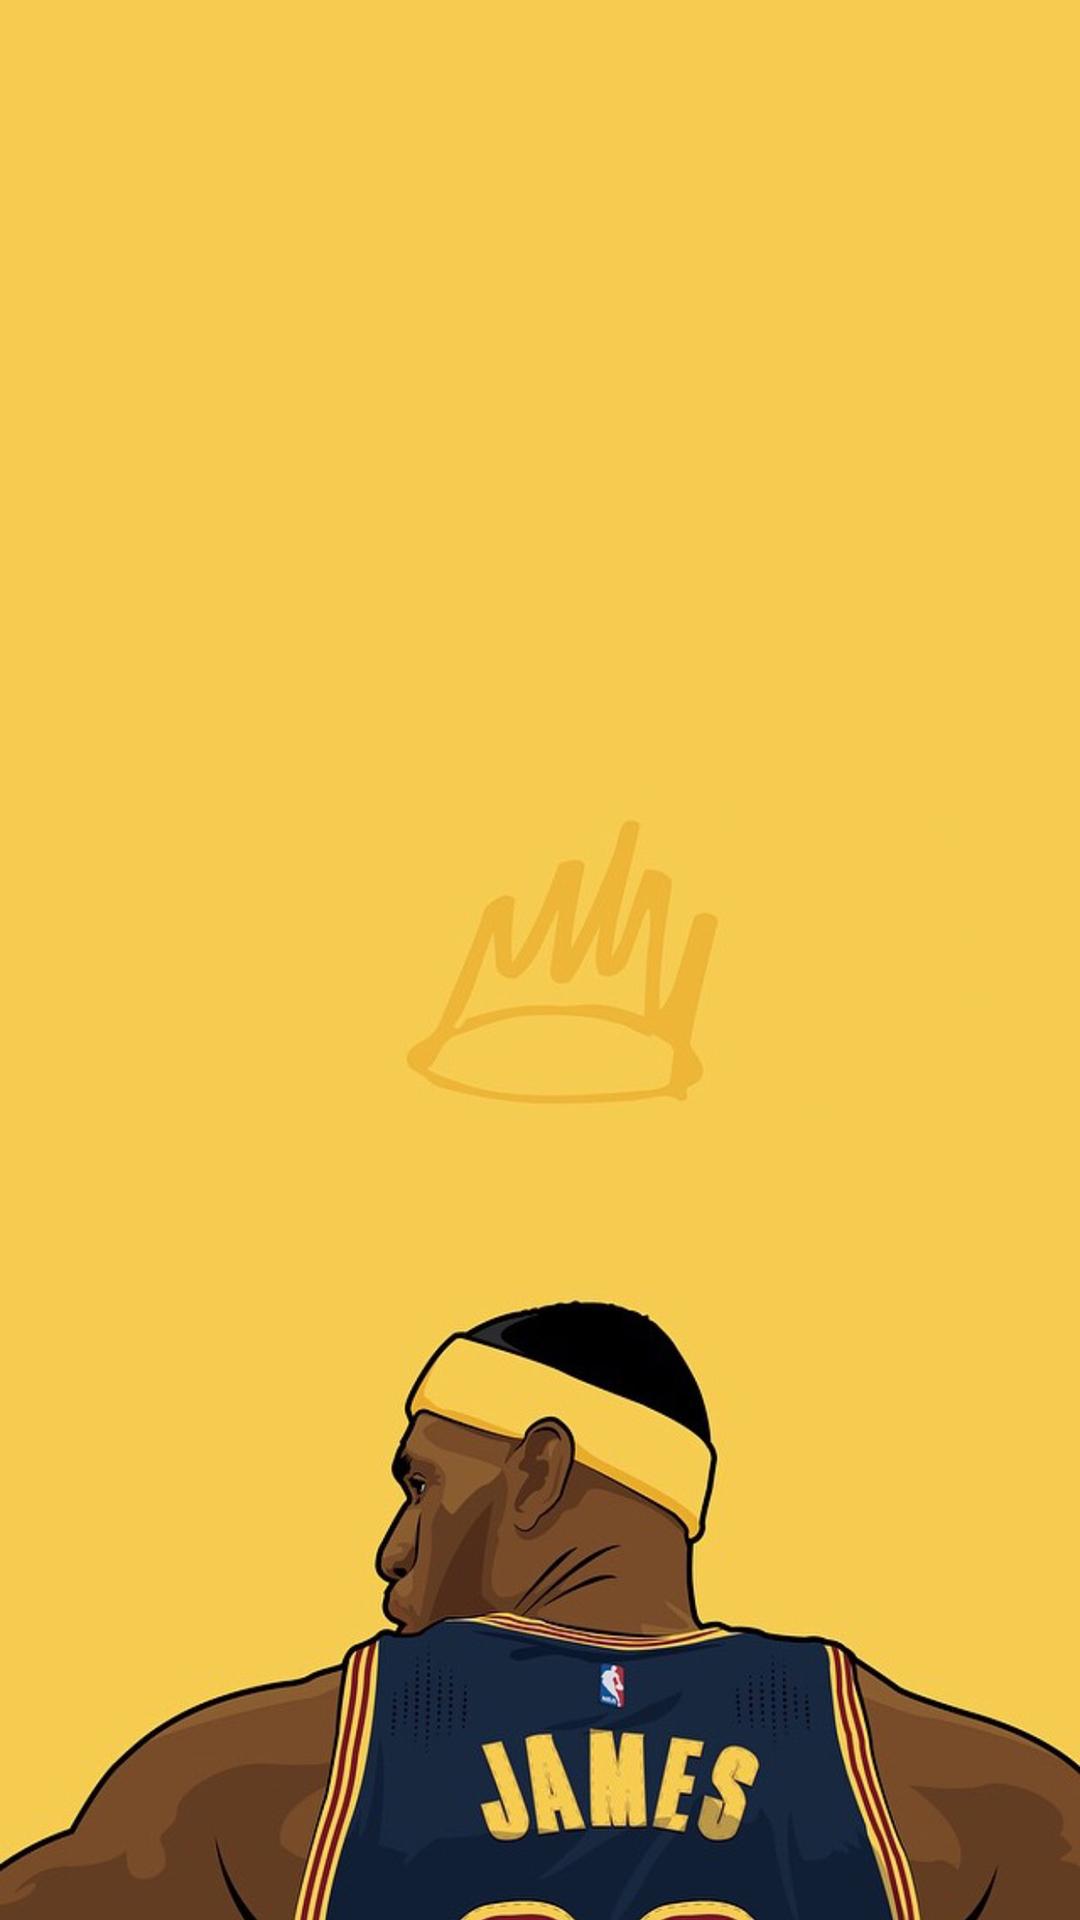 电脑上wap网:詹姆斯 手绘 背影 黄色 篮球 运动员 体育 苹果手机高清